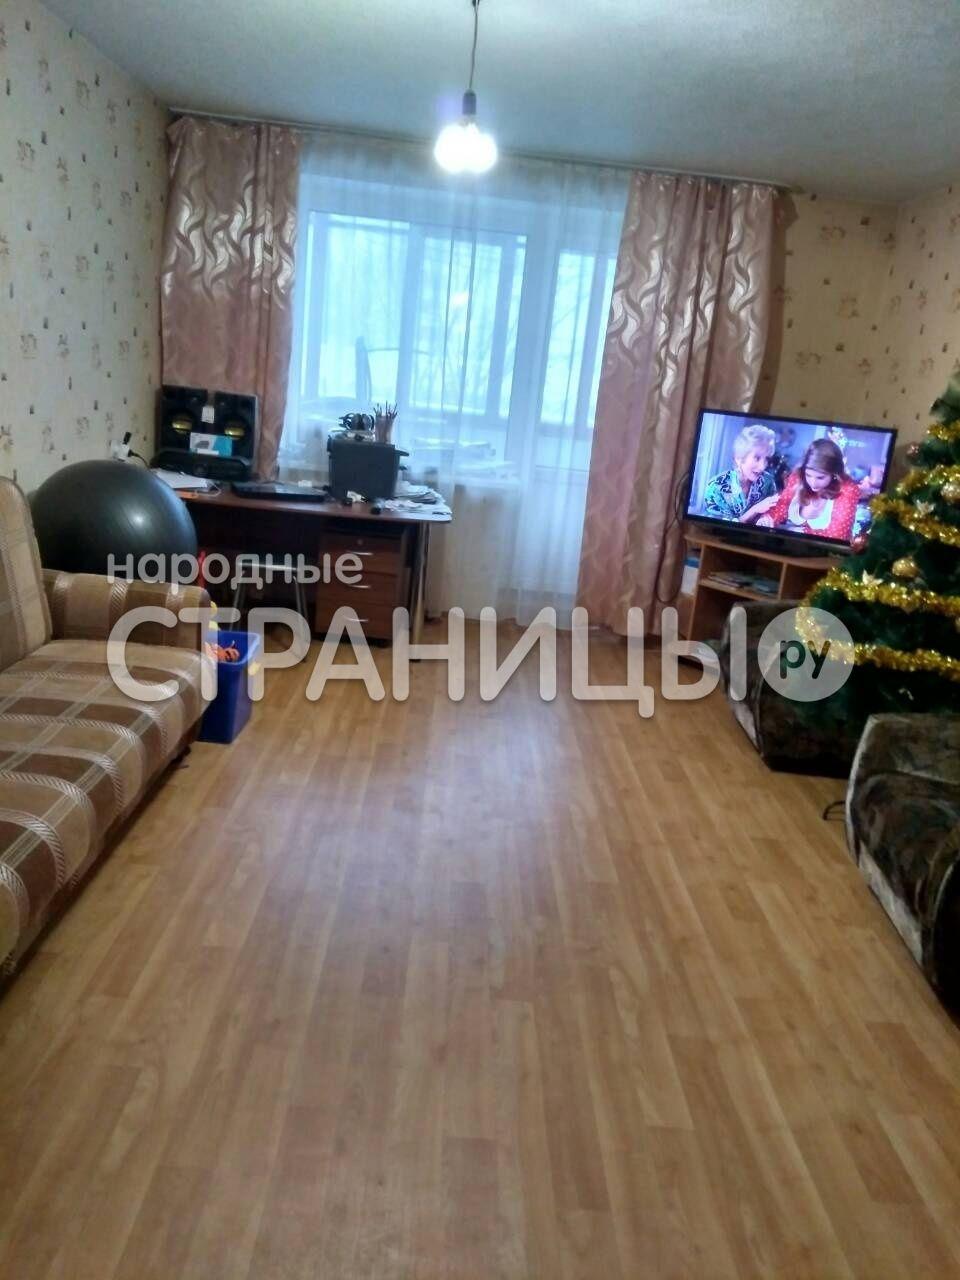 2-комнатная квартира, 60.0 м²,  2/5 эт. Кирпичный дом, Вторичное жилье